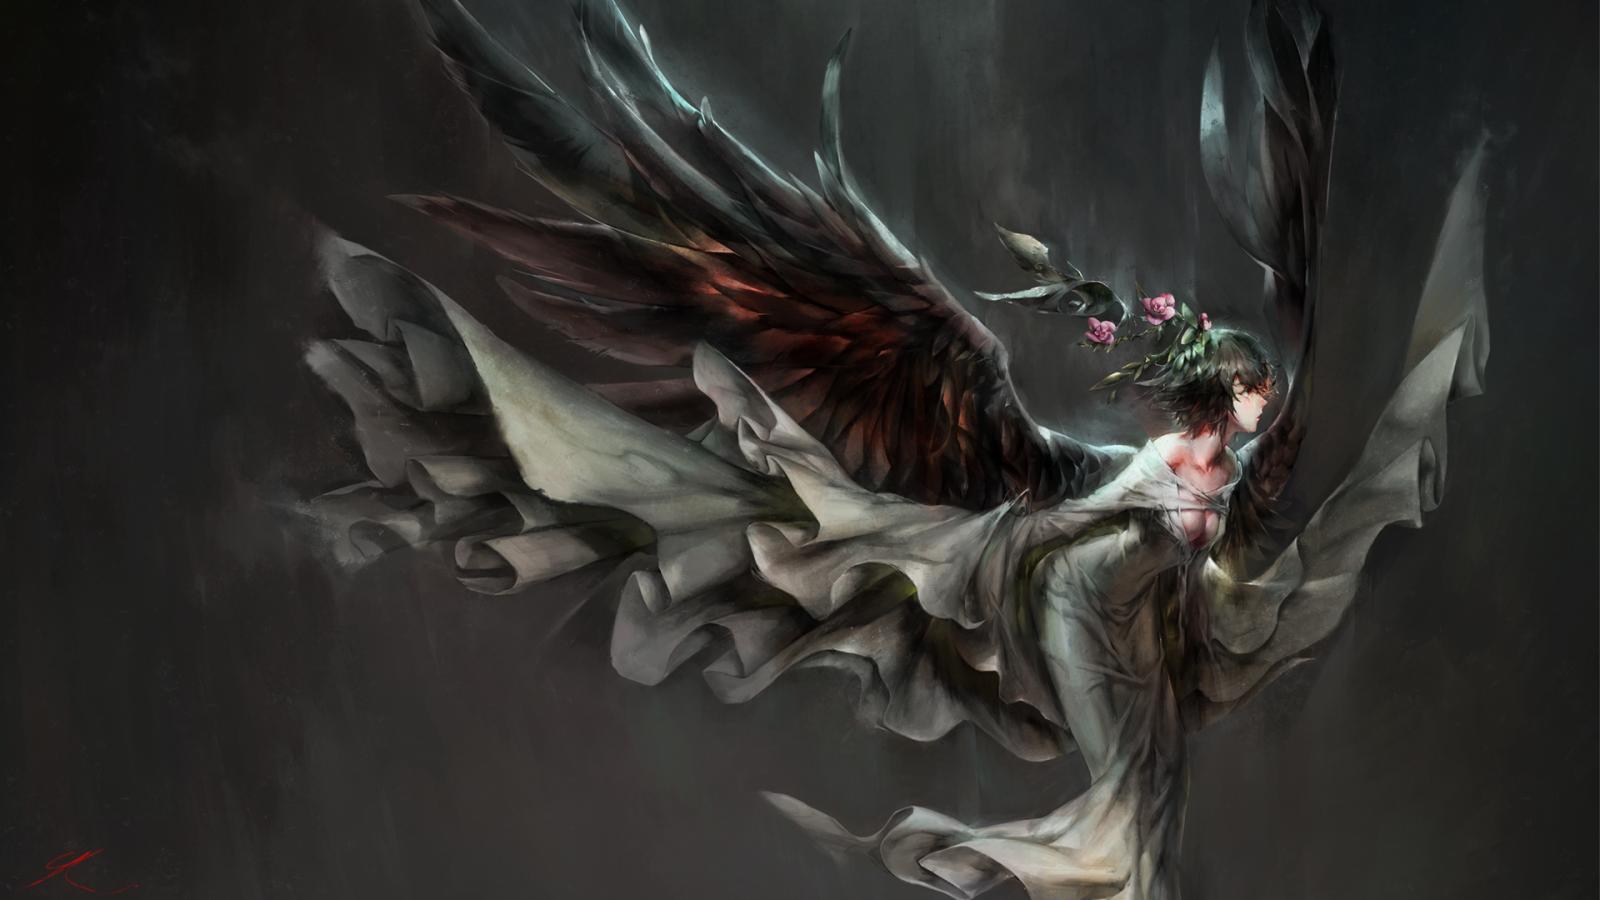 Wallpaper : anime girls, demon, mythology, angel wings ...